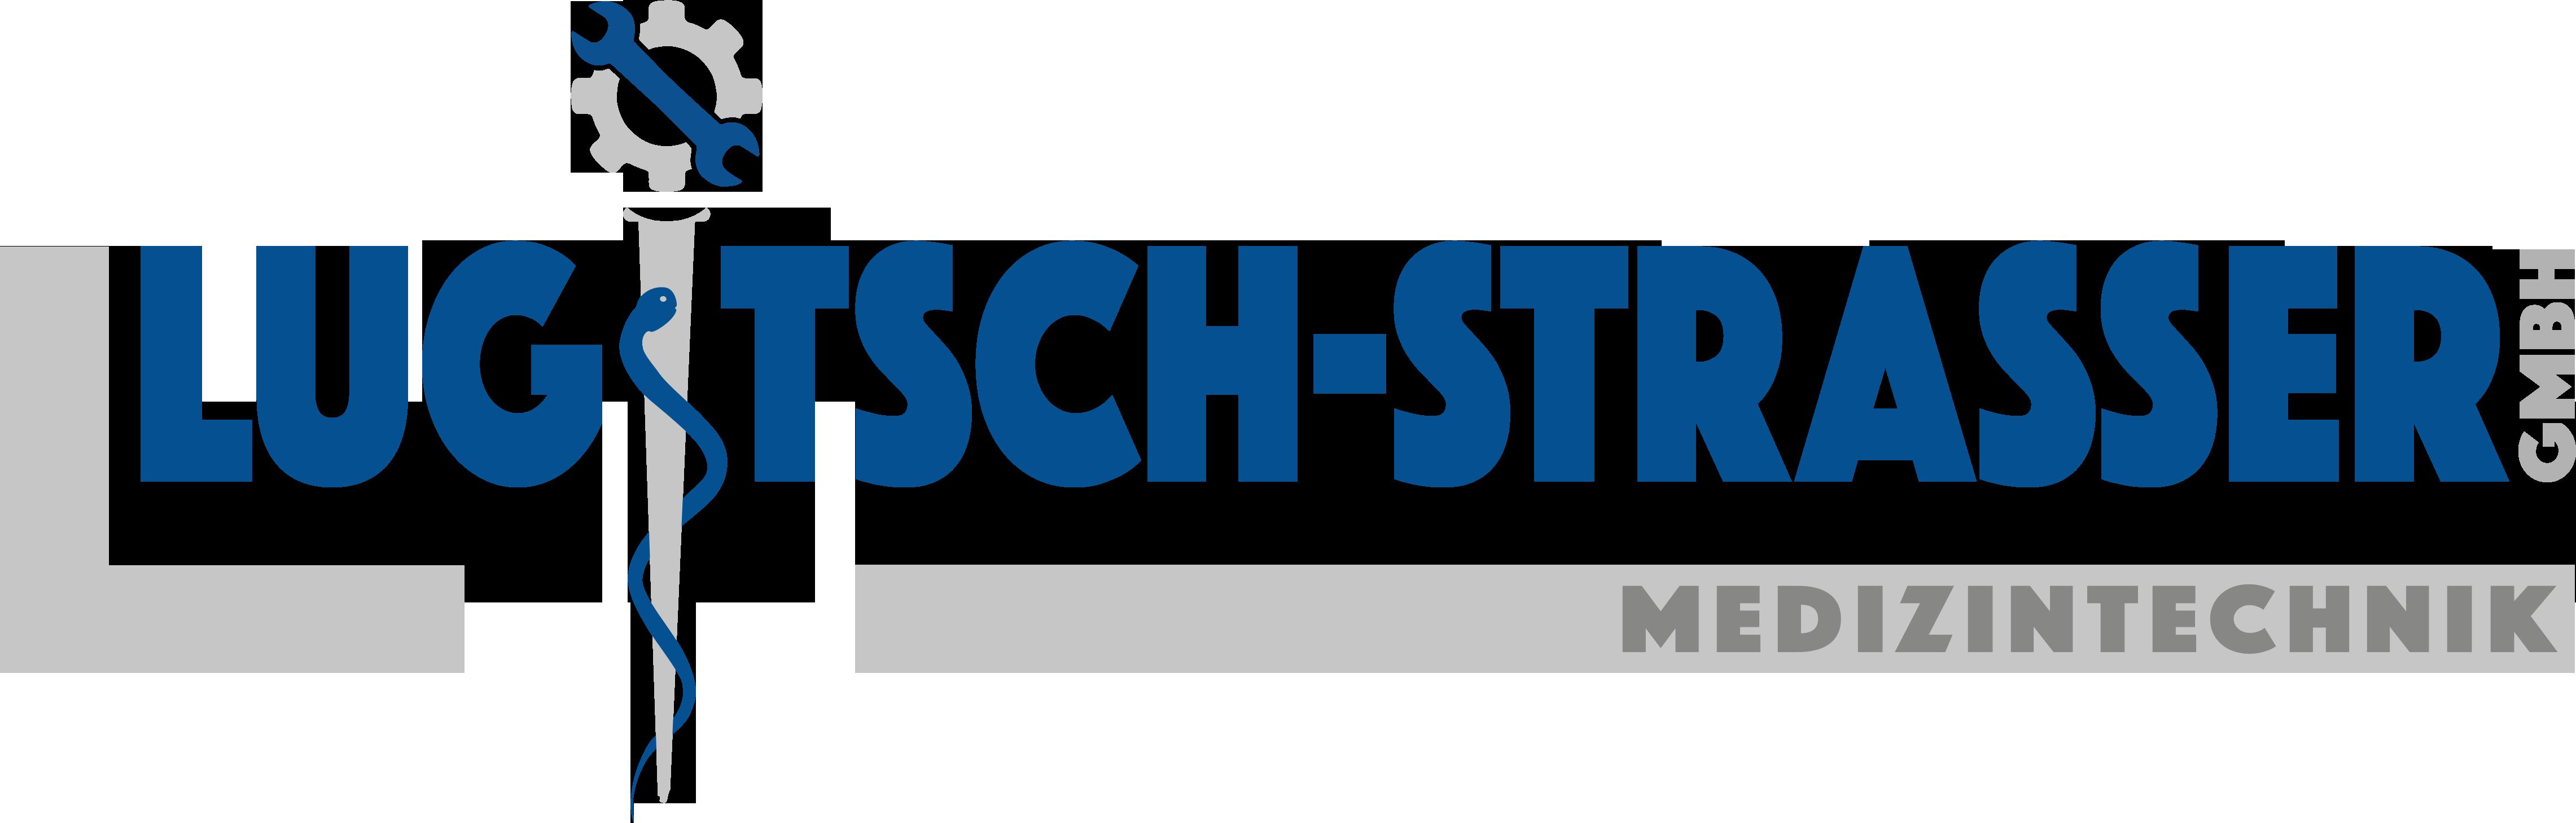 Lugitsch-Strasser